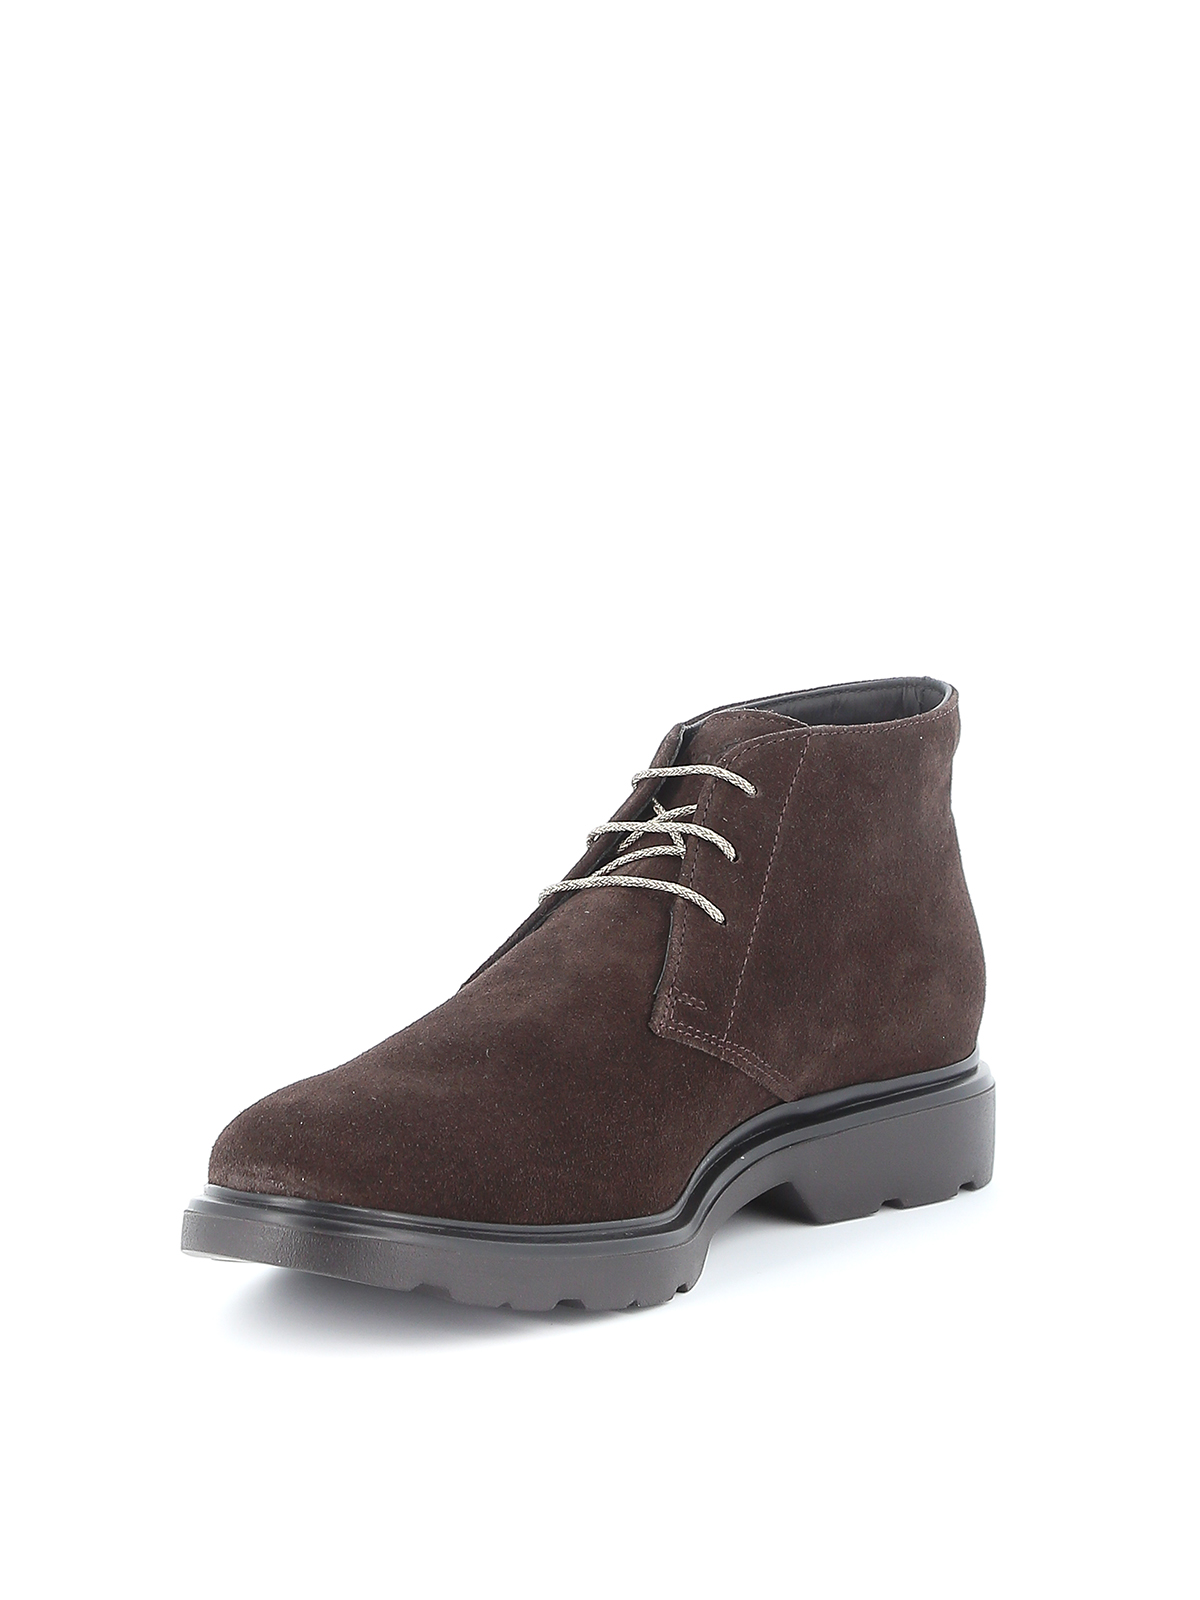 H393 Derby desert boots HOGAN   5032238   HXM3930W352HG0S807